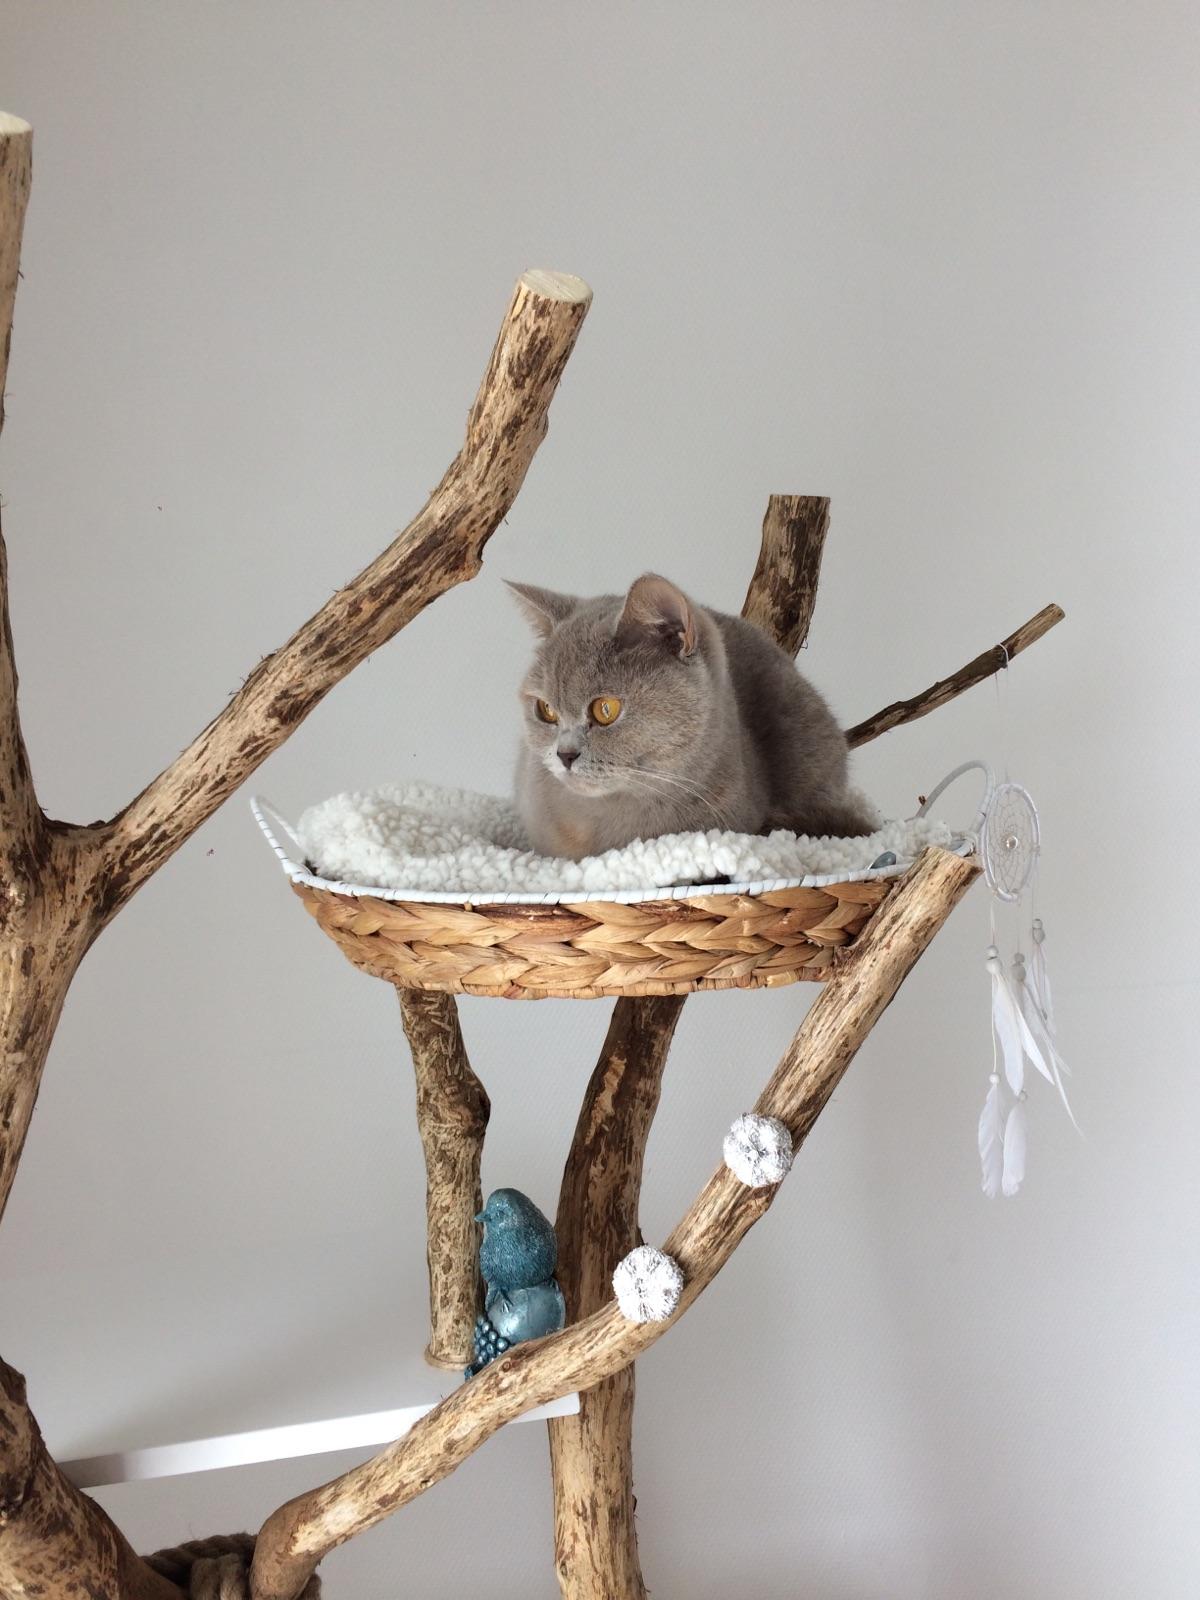 le blanc pour ivoire et maya mon arbre chat original. Black Bedroom Furniture Sets. Home Design Ideas